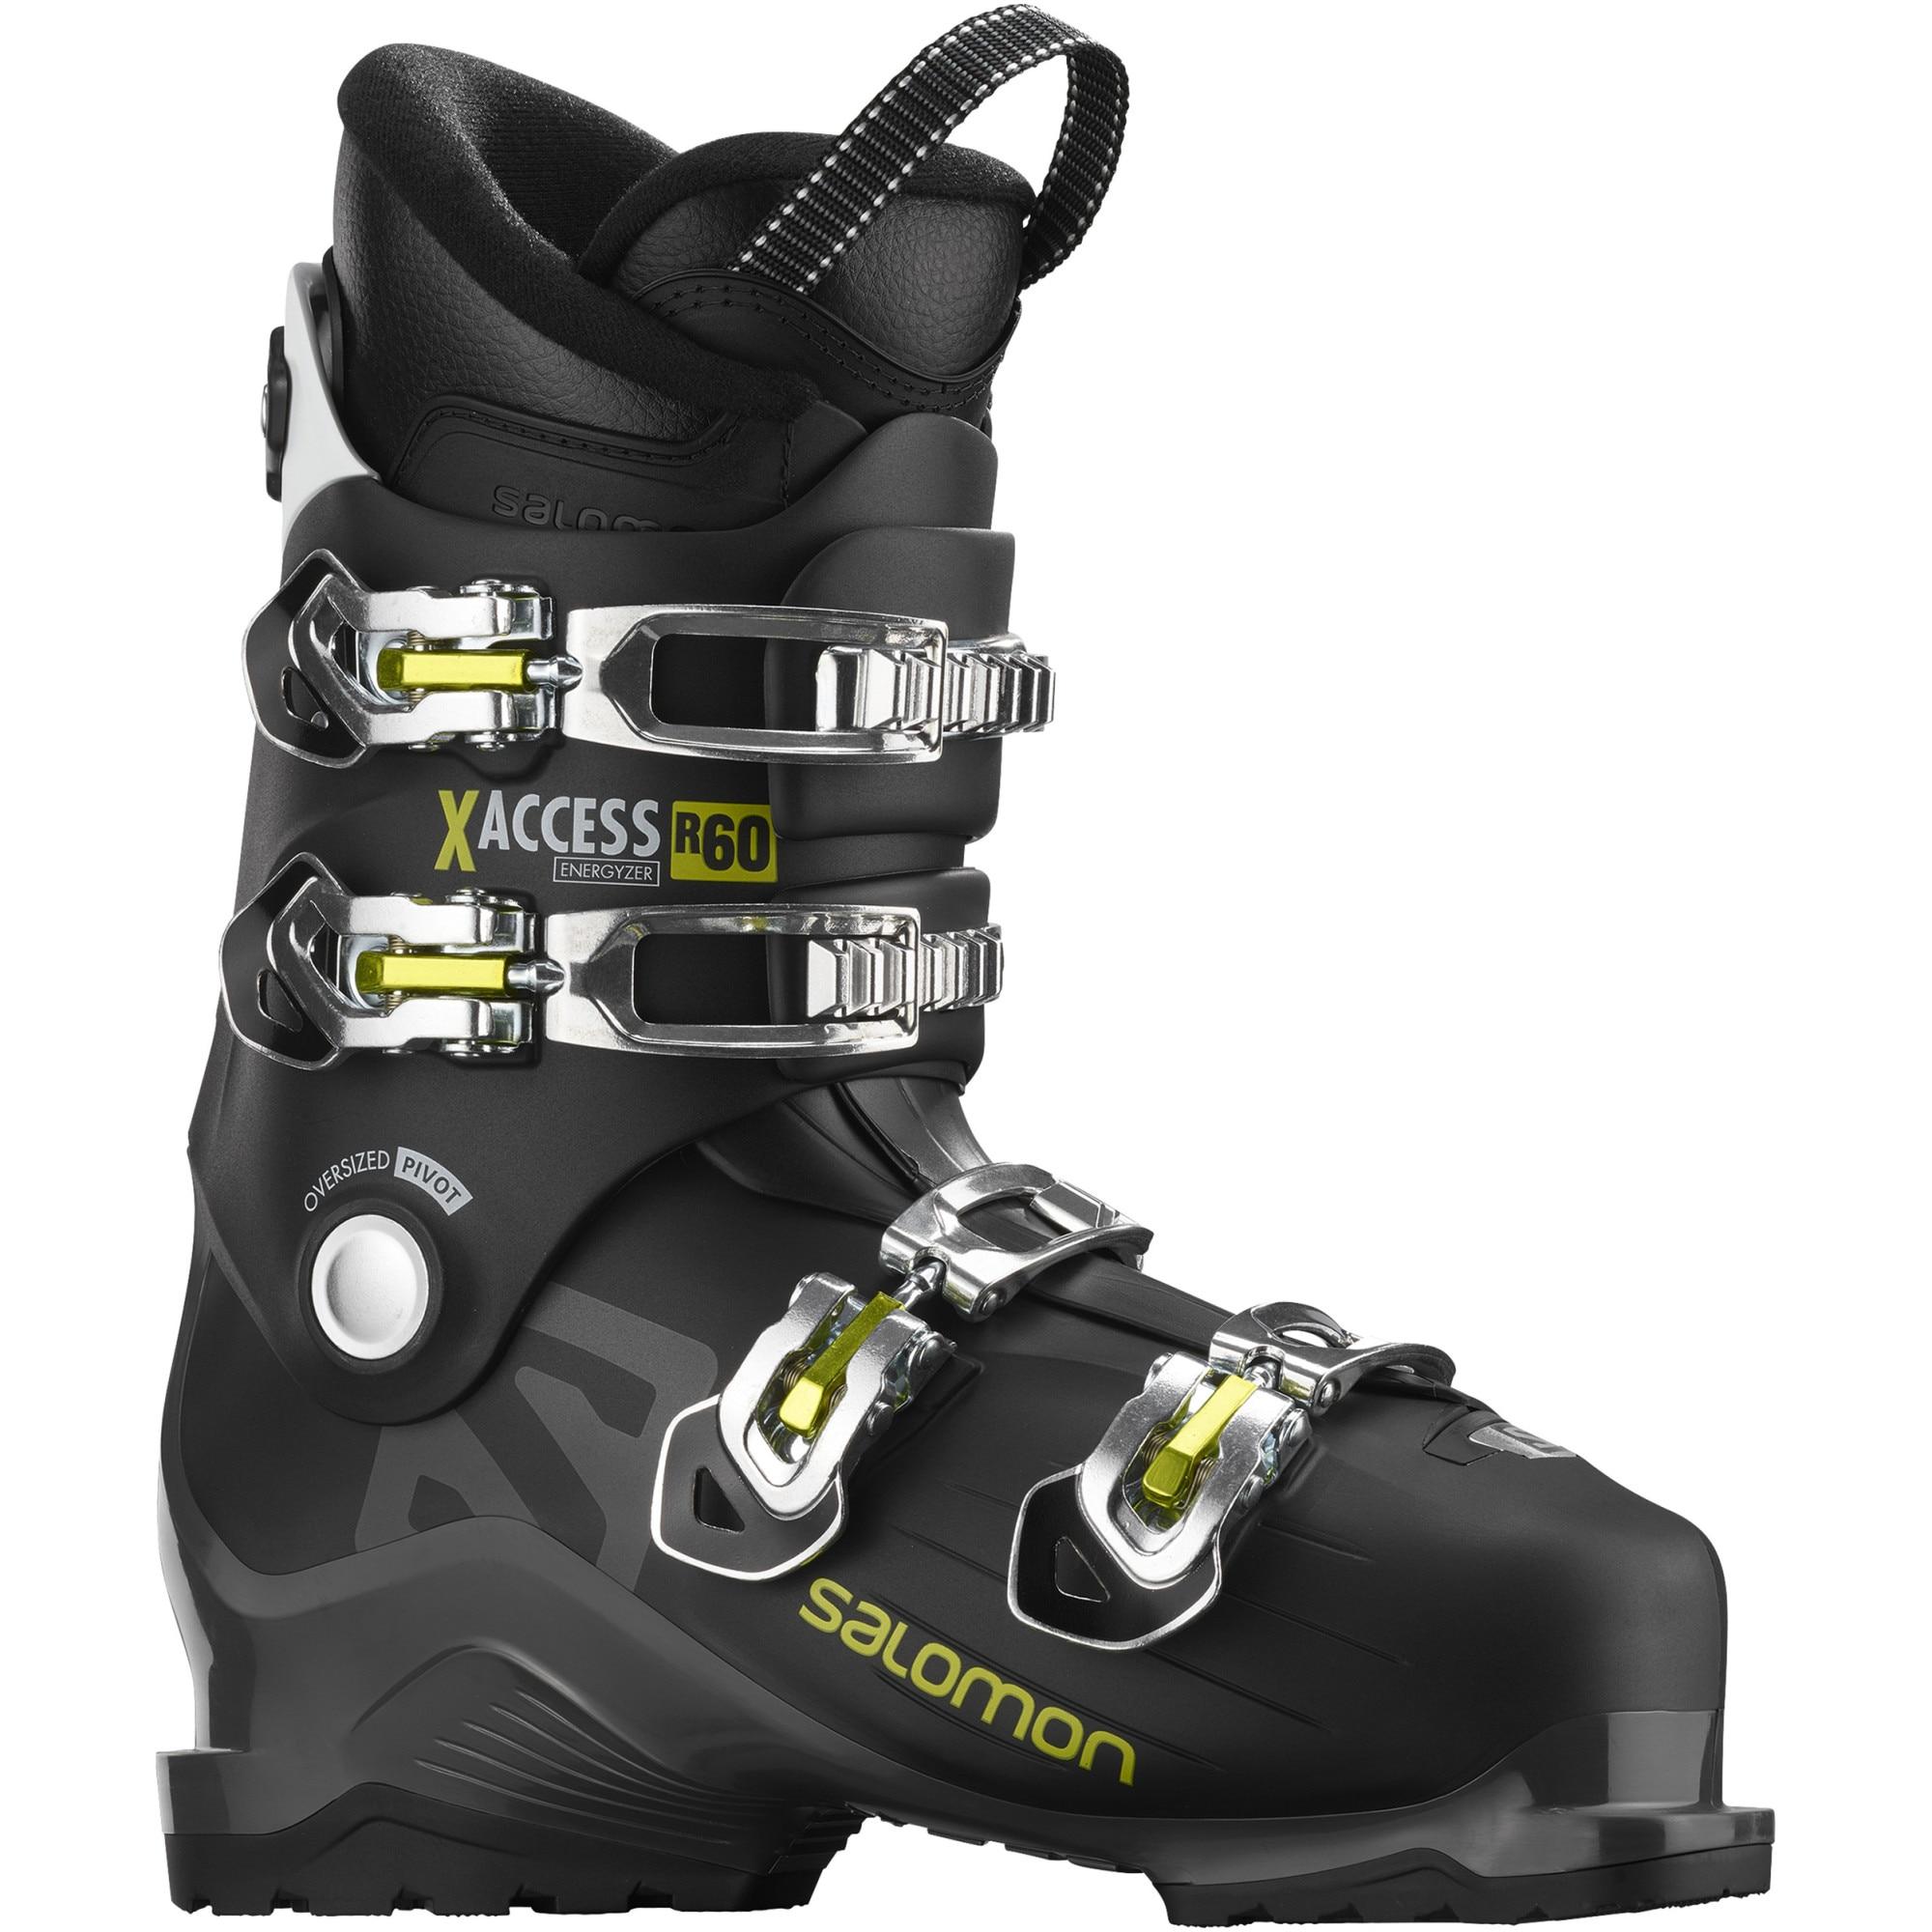 Fotografie Clapari ski Salomon X Access R60, Unisex, Anthracite/Green, 28, 28.5